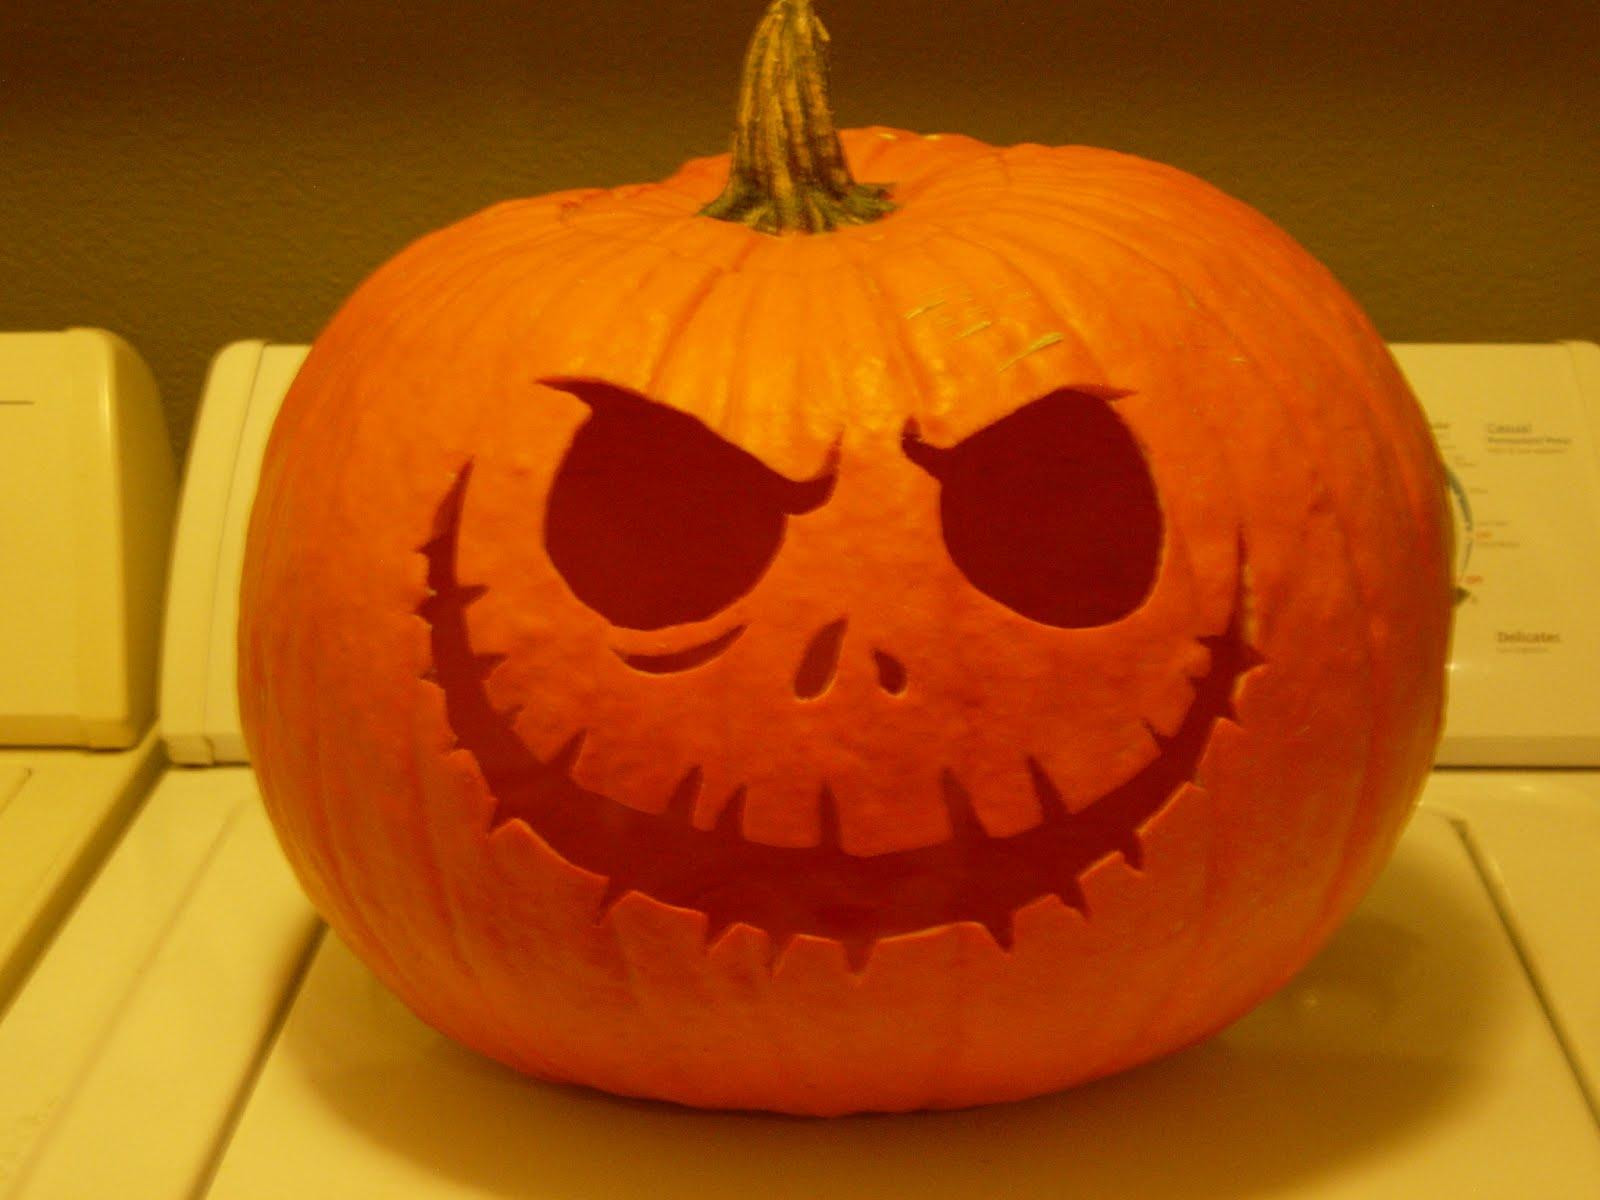 Easy nightmare before christmas pumpkin carving